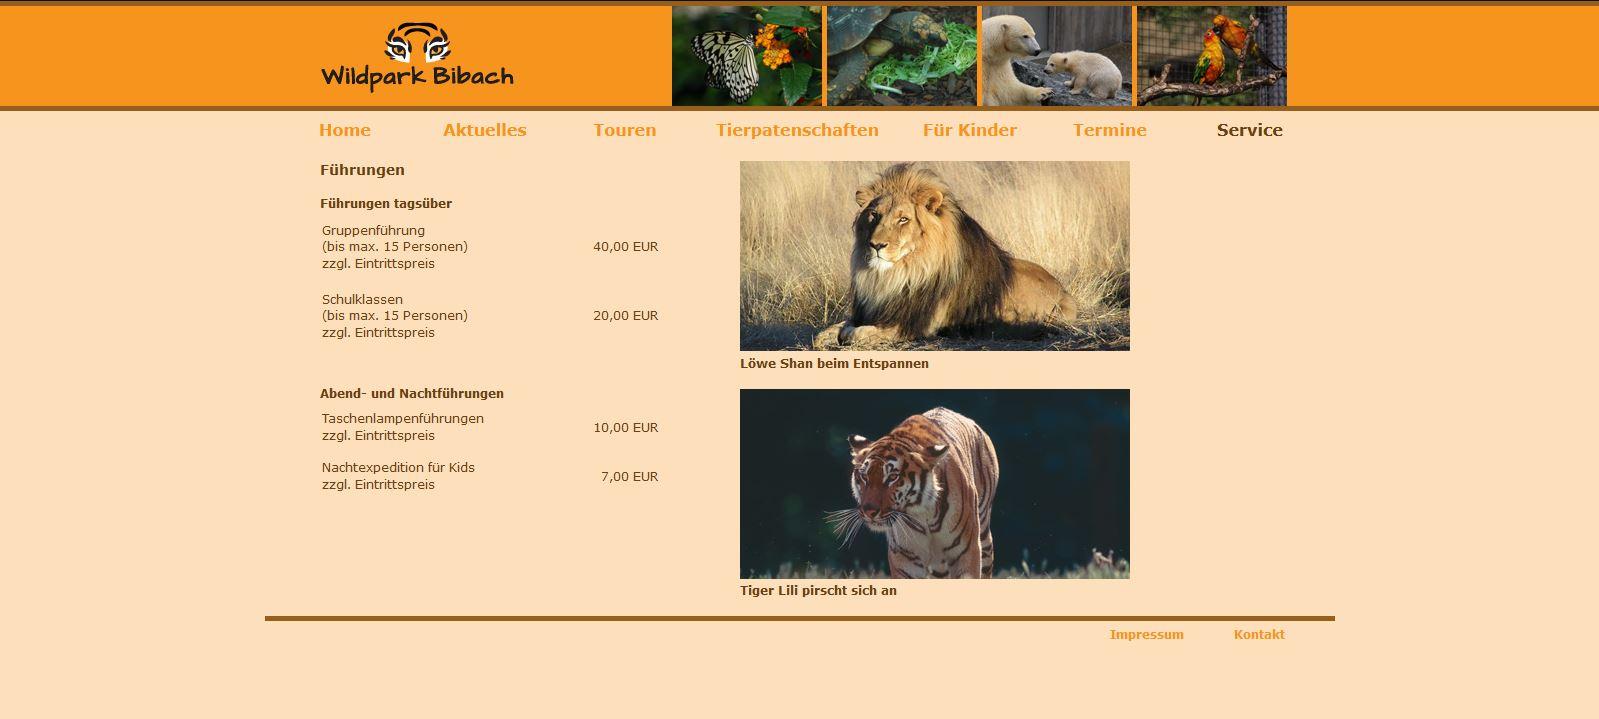 Wildpark Bibach - Service - Führungen